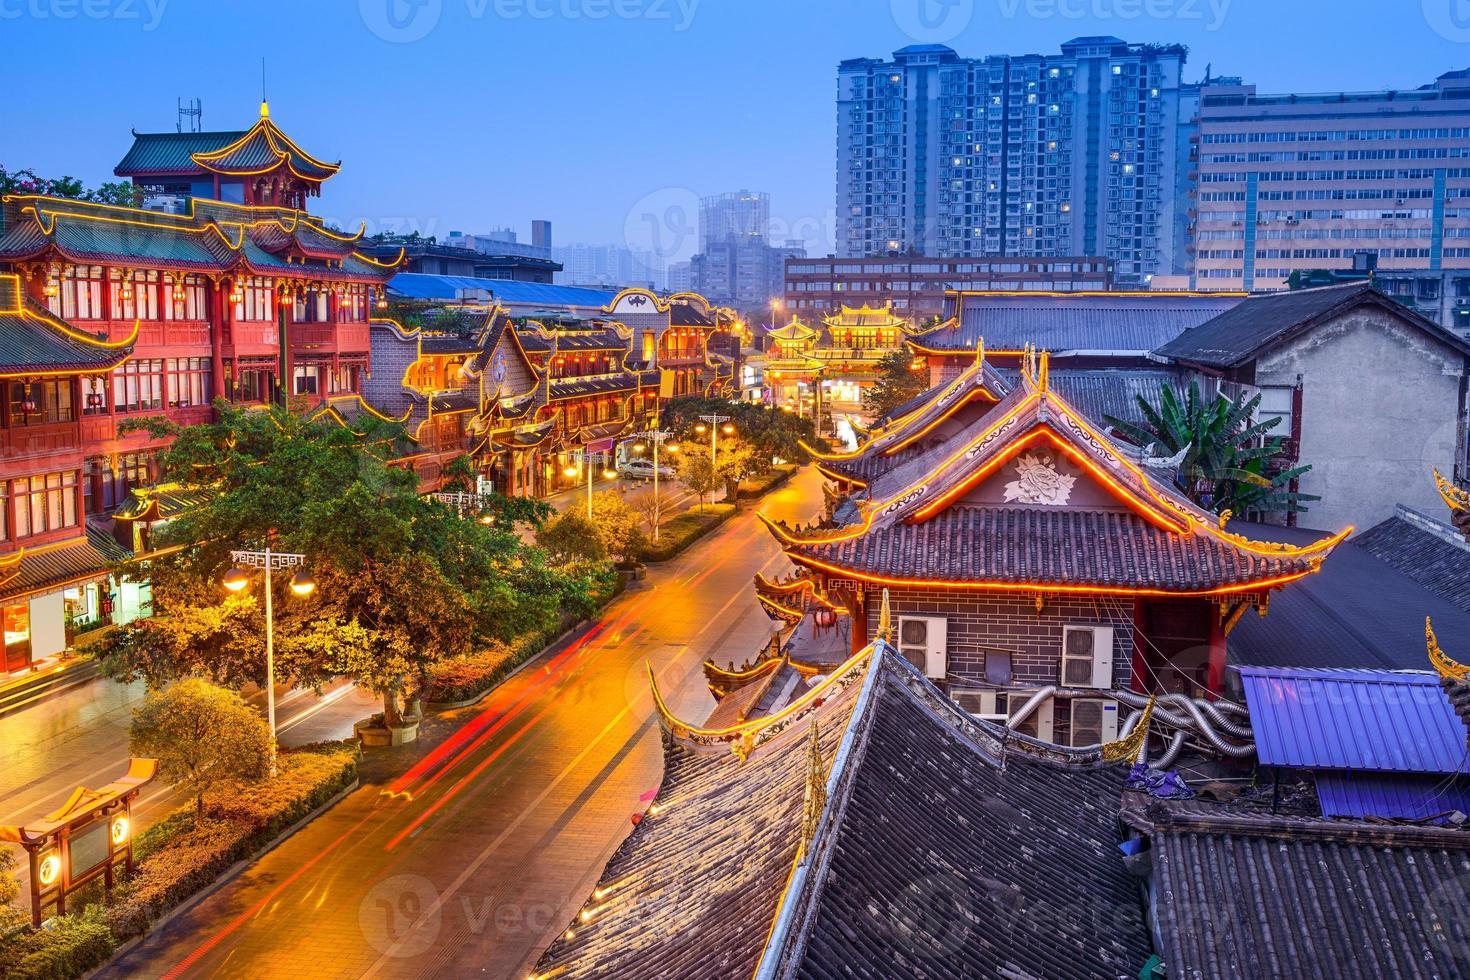 quartier historique de chengdu chine photo